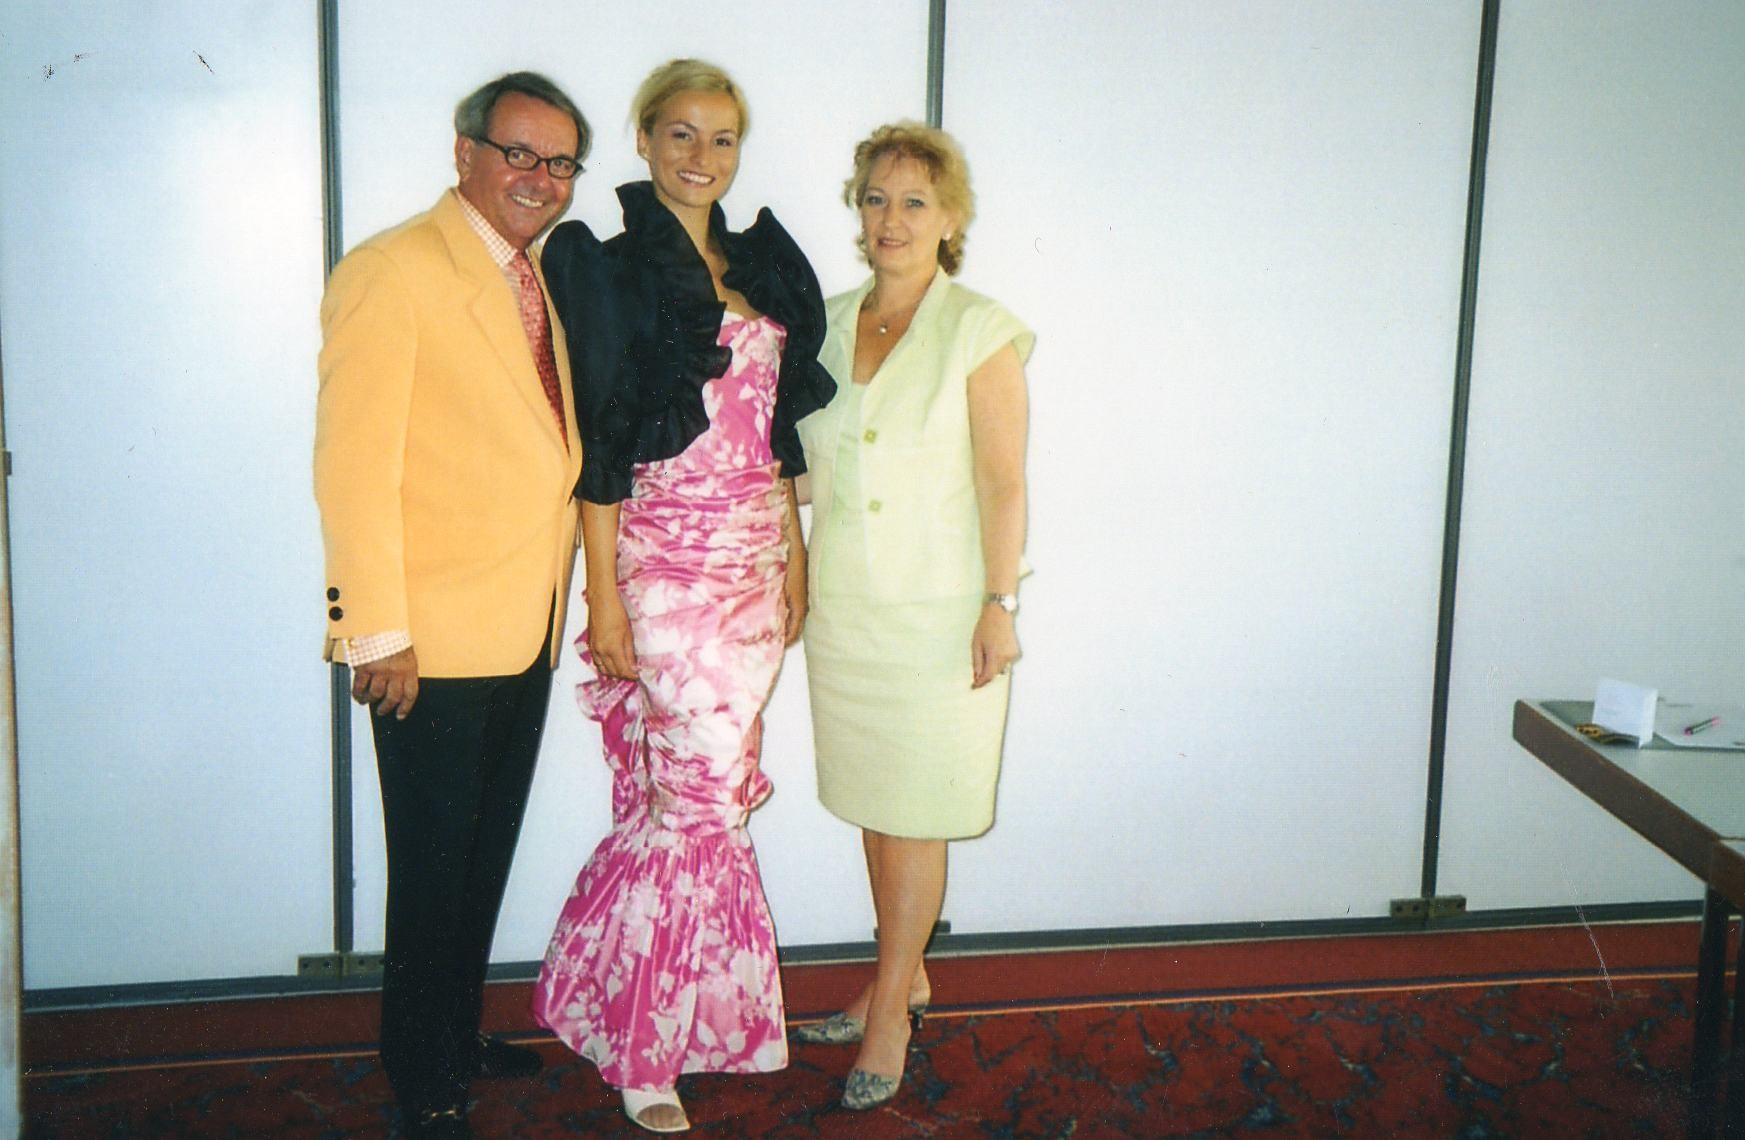 Laurentz Joosse aus den Niederlanden wird zum Ehrenmitglied ernannt - 2003 Freiburg